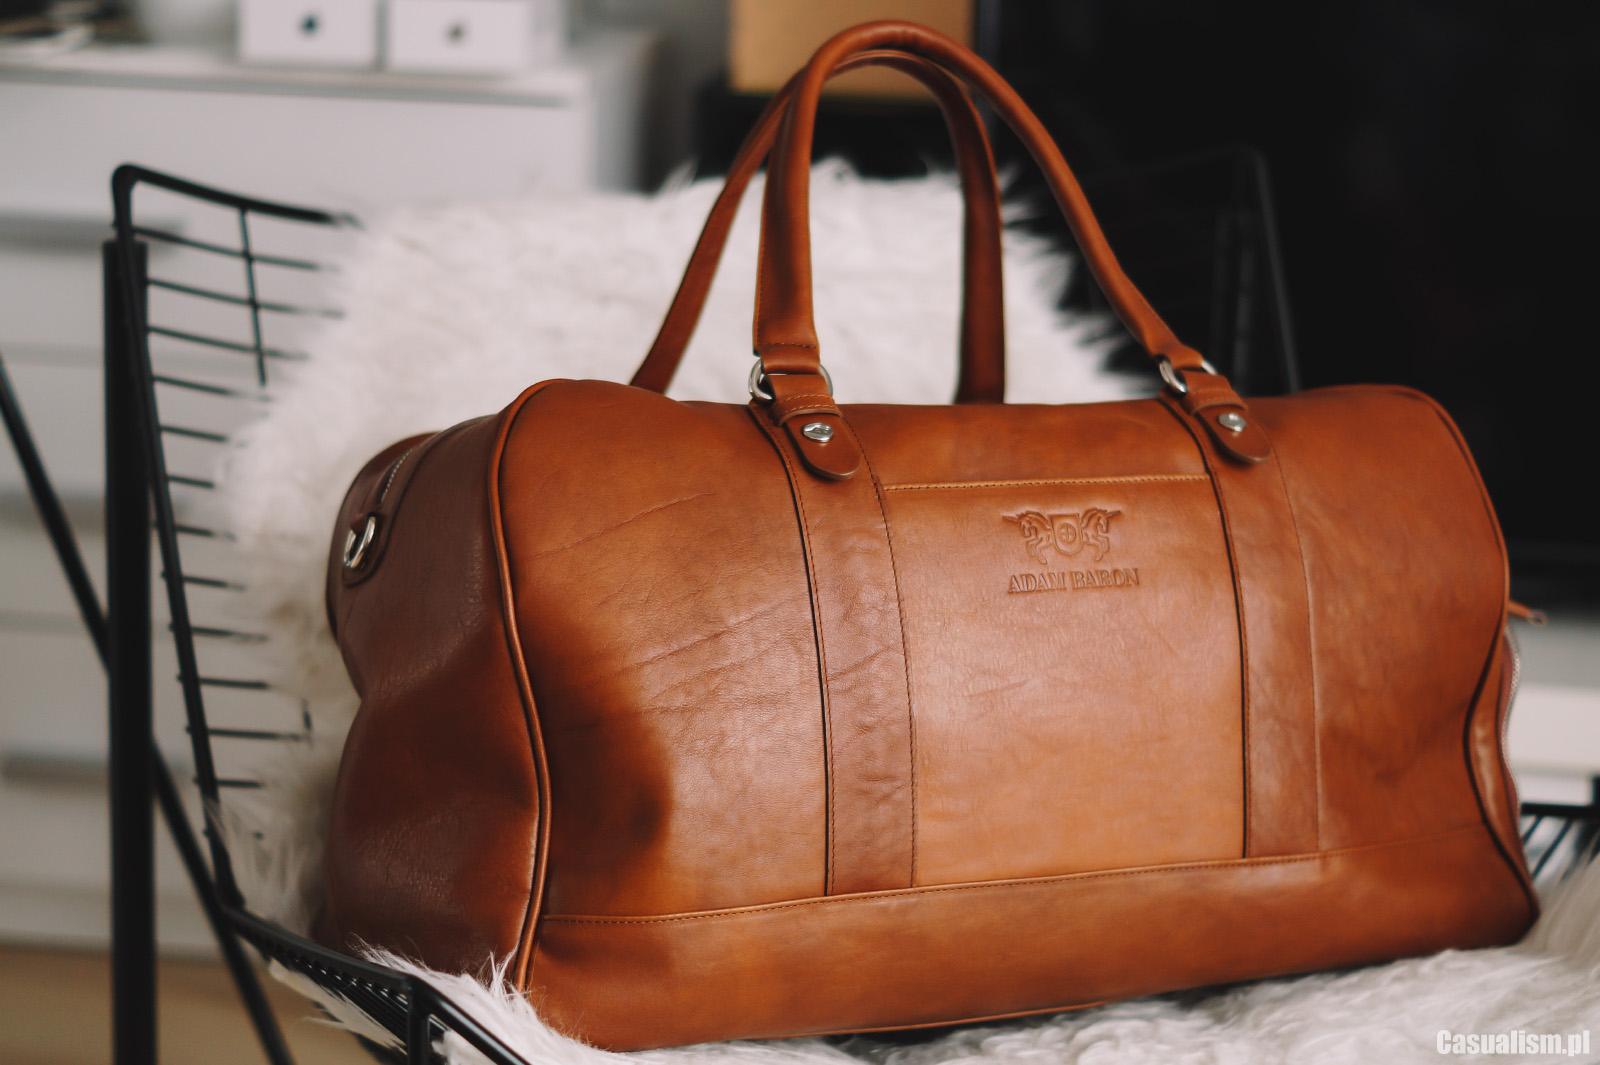 torby baron, torby adam baron, torba skórzana, torba ze skóry